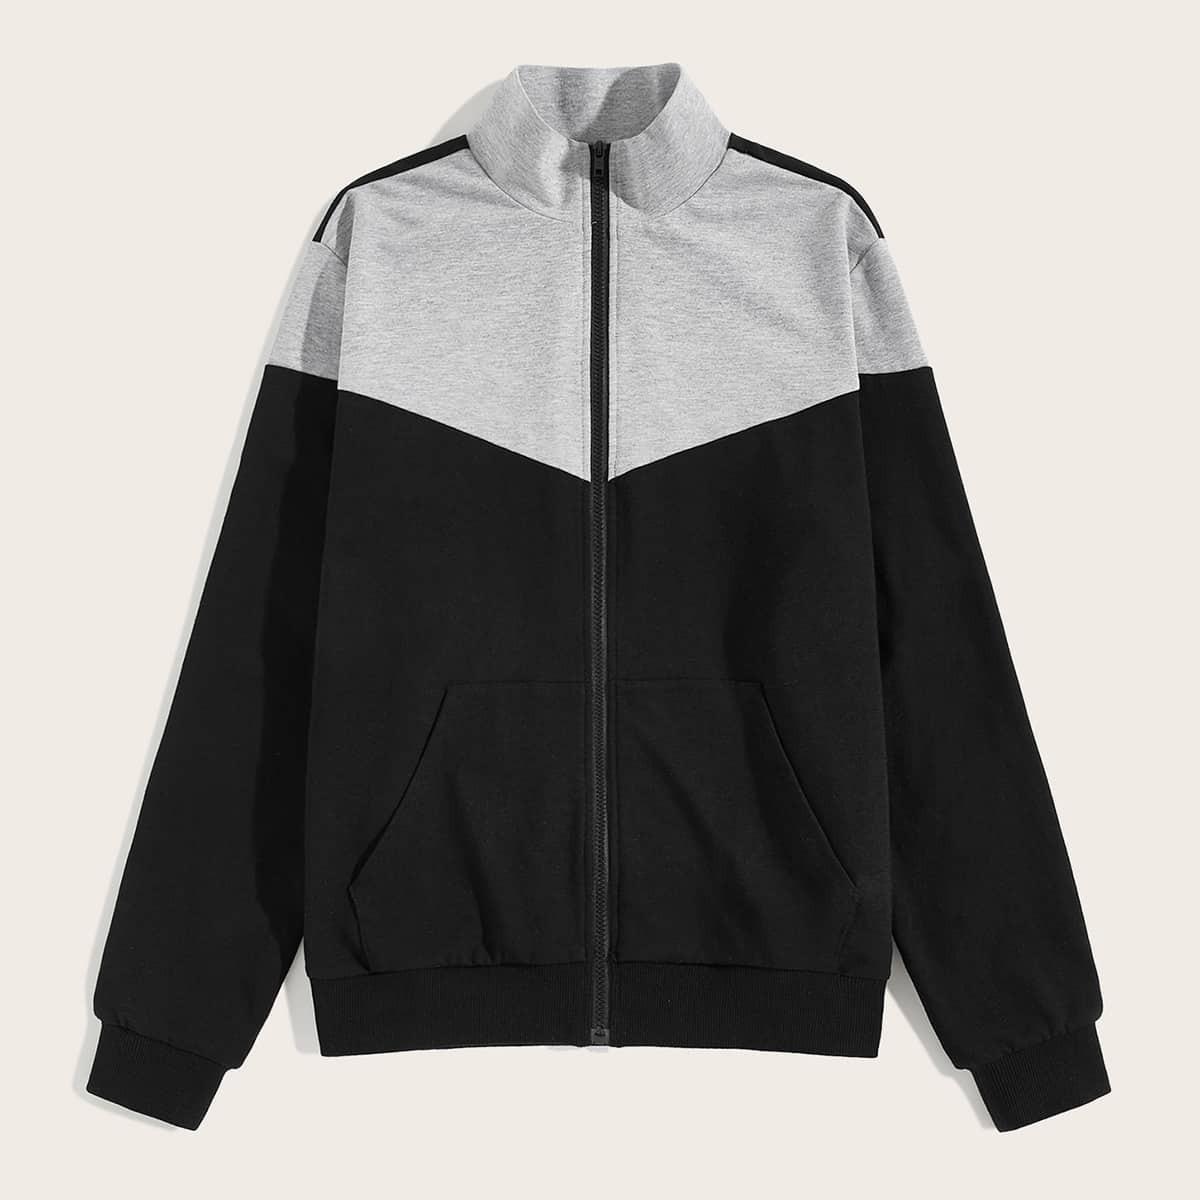 Zwart Sporten Rits Sweatshirts voor heren